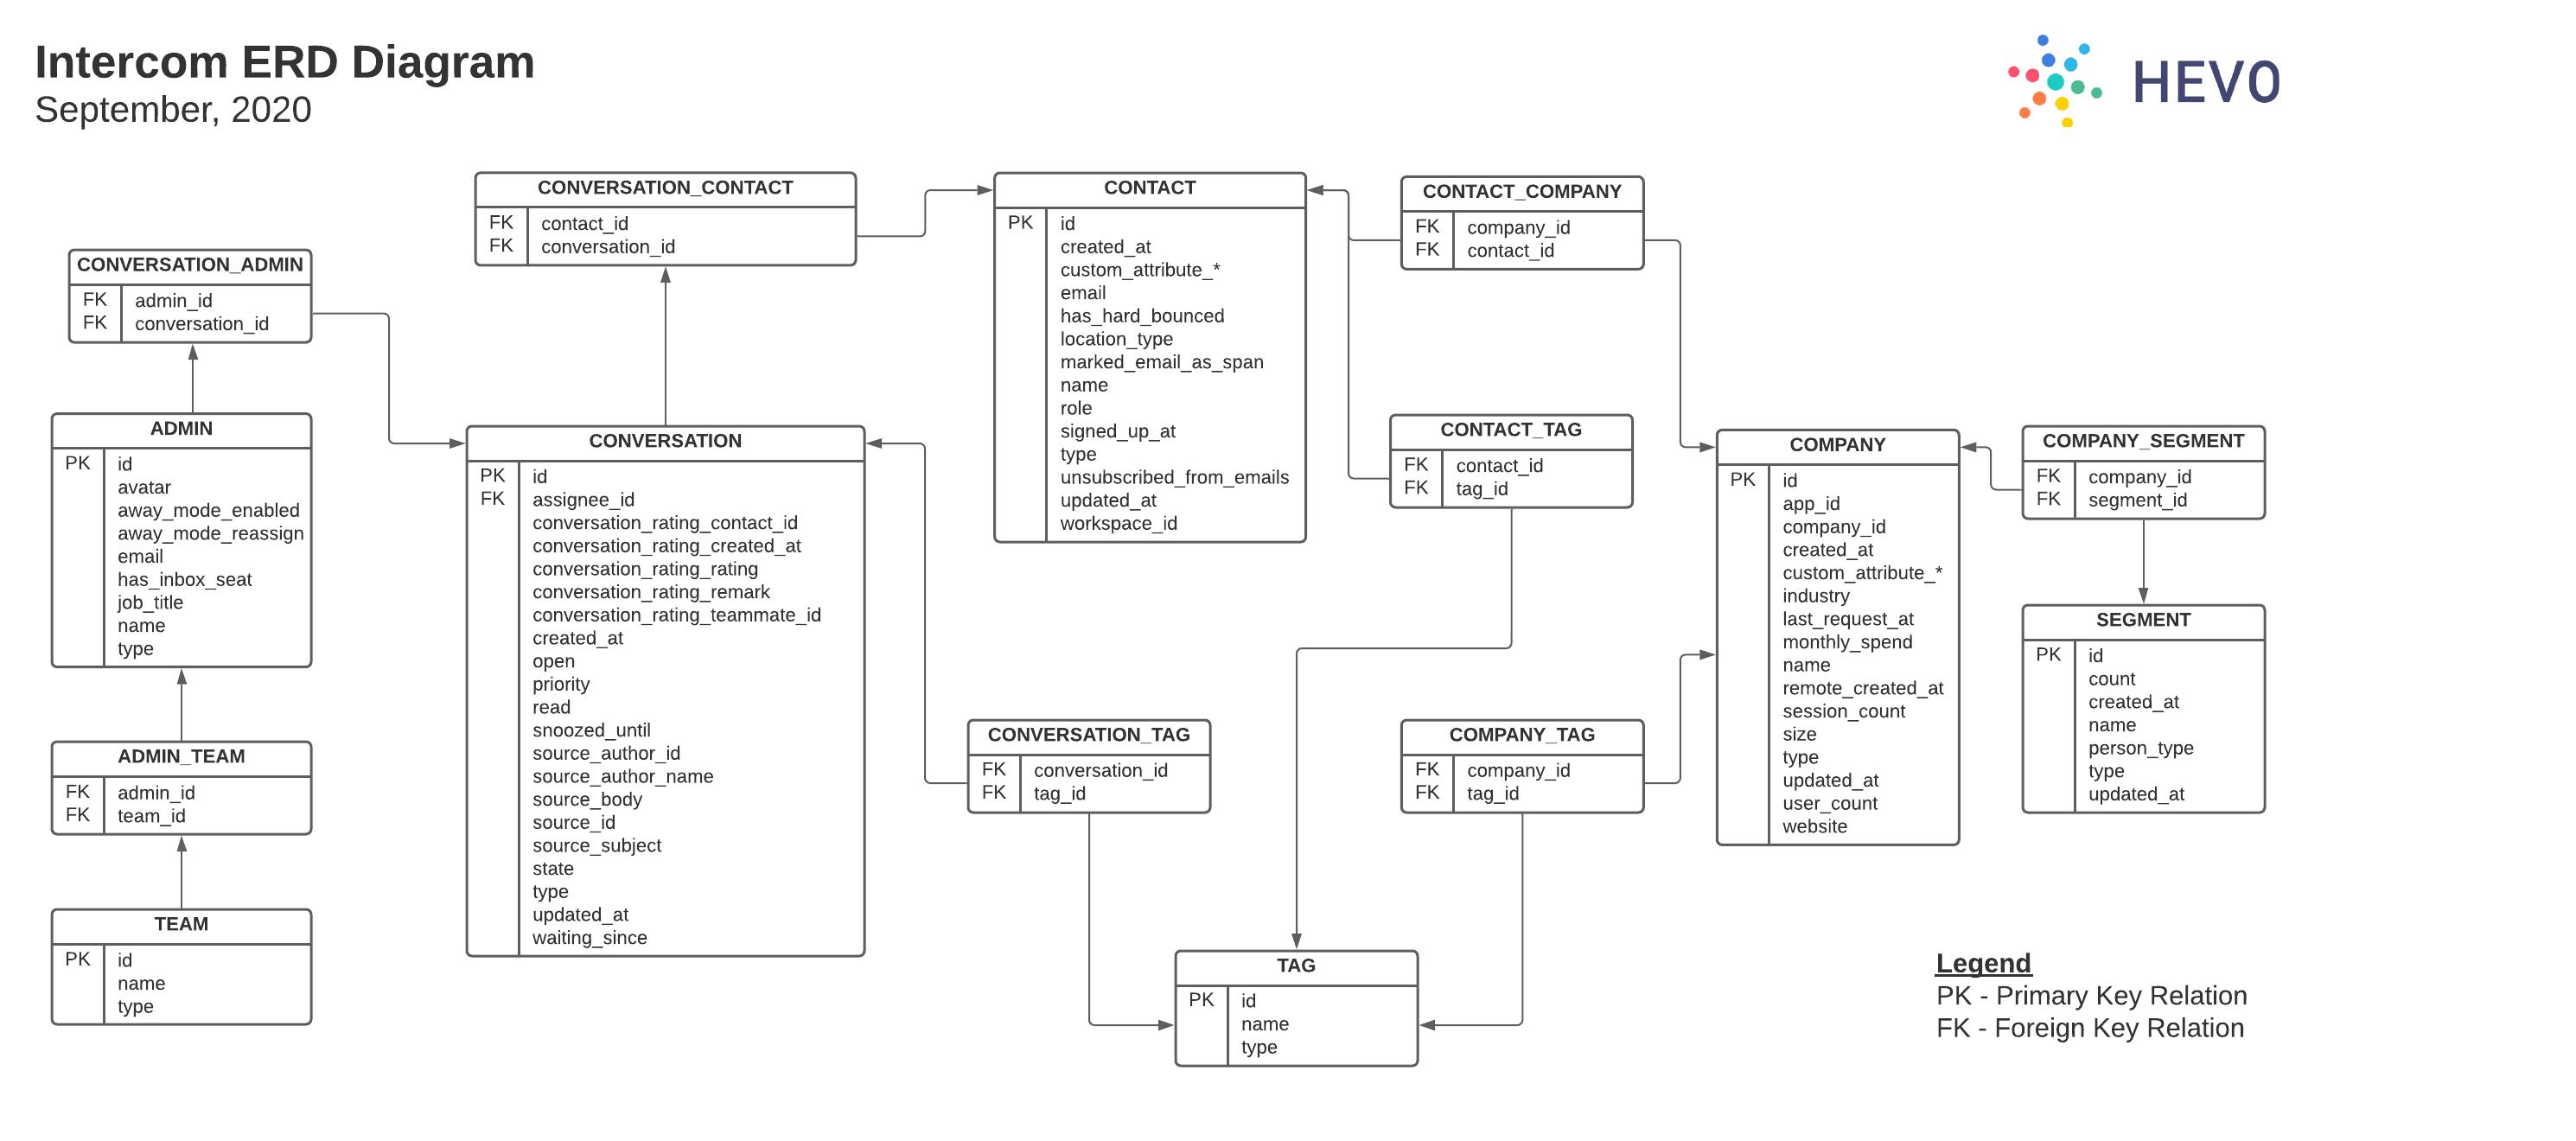 Intercom ER Diagram